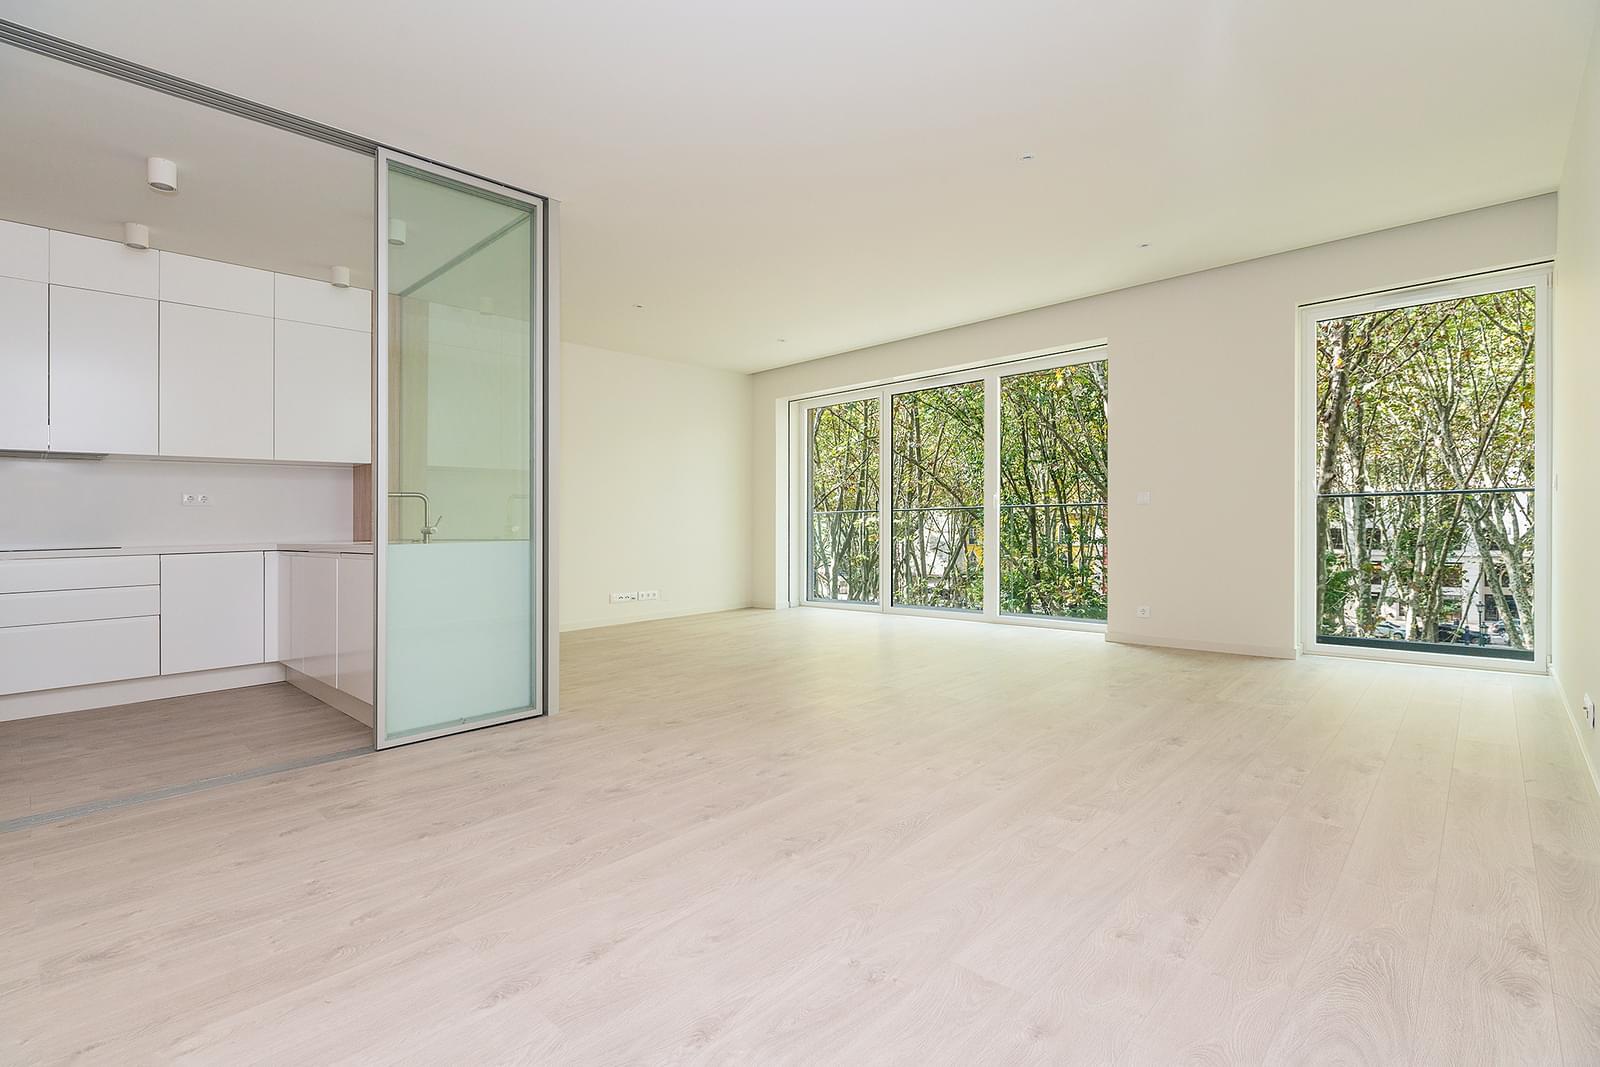 pf18308-apartamento-t2-lisboa-45635809-3cf0-4c1d-a404-1dca6123ff82